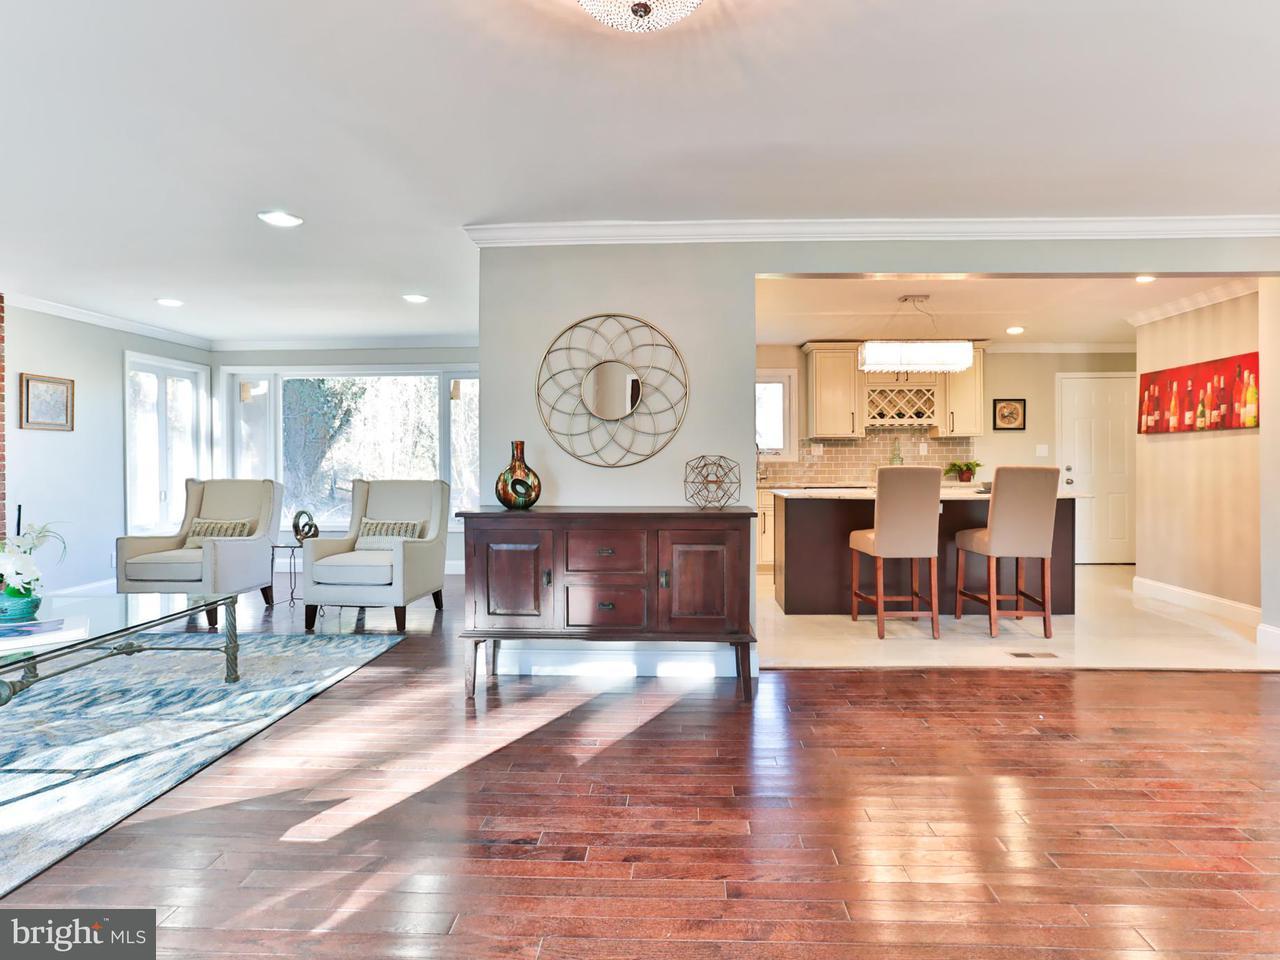 独户住宅 为 销售 在 4526 LONG GREEN Road 4526 LONG GREEN Road Glen Arm, 马里兰州 21057 美国